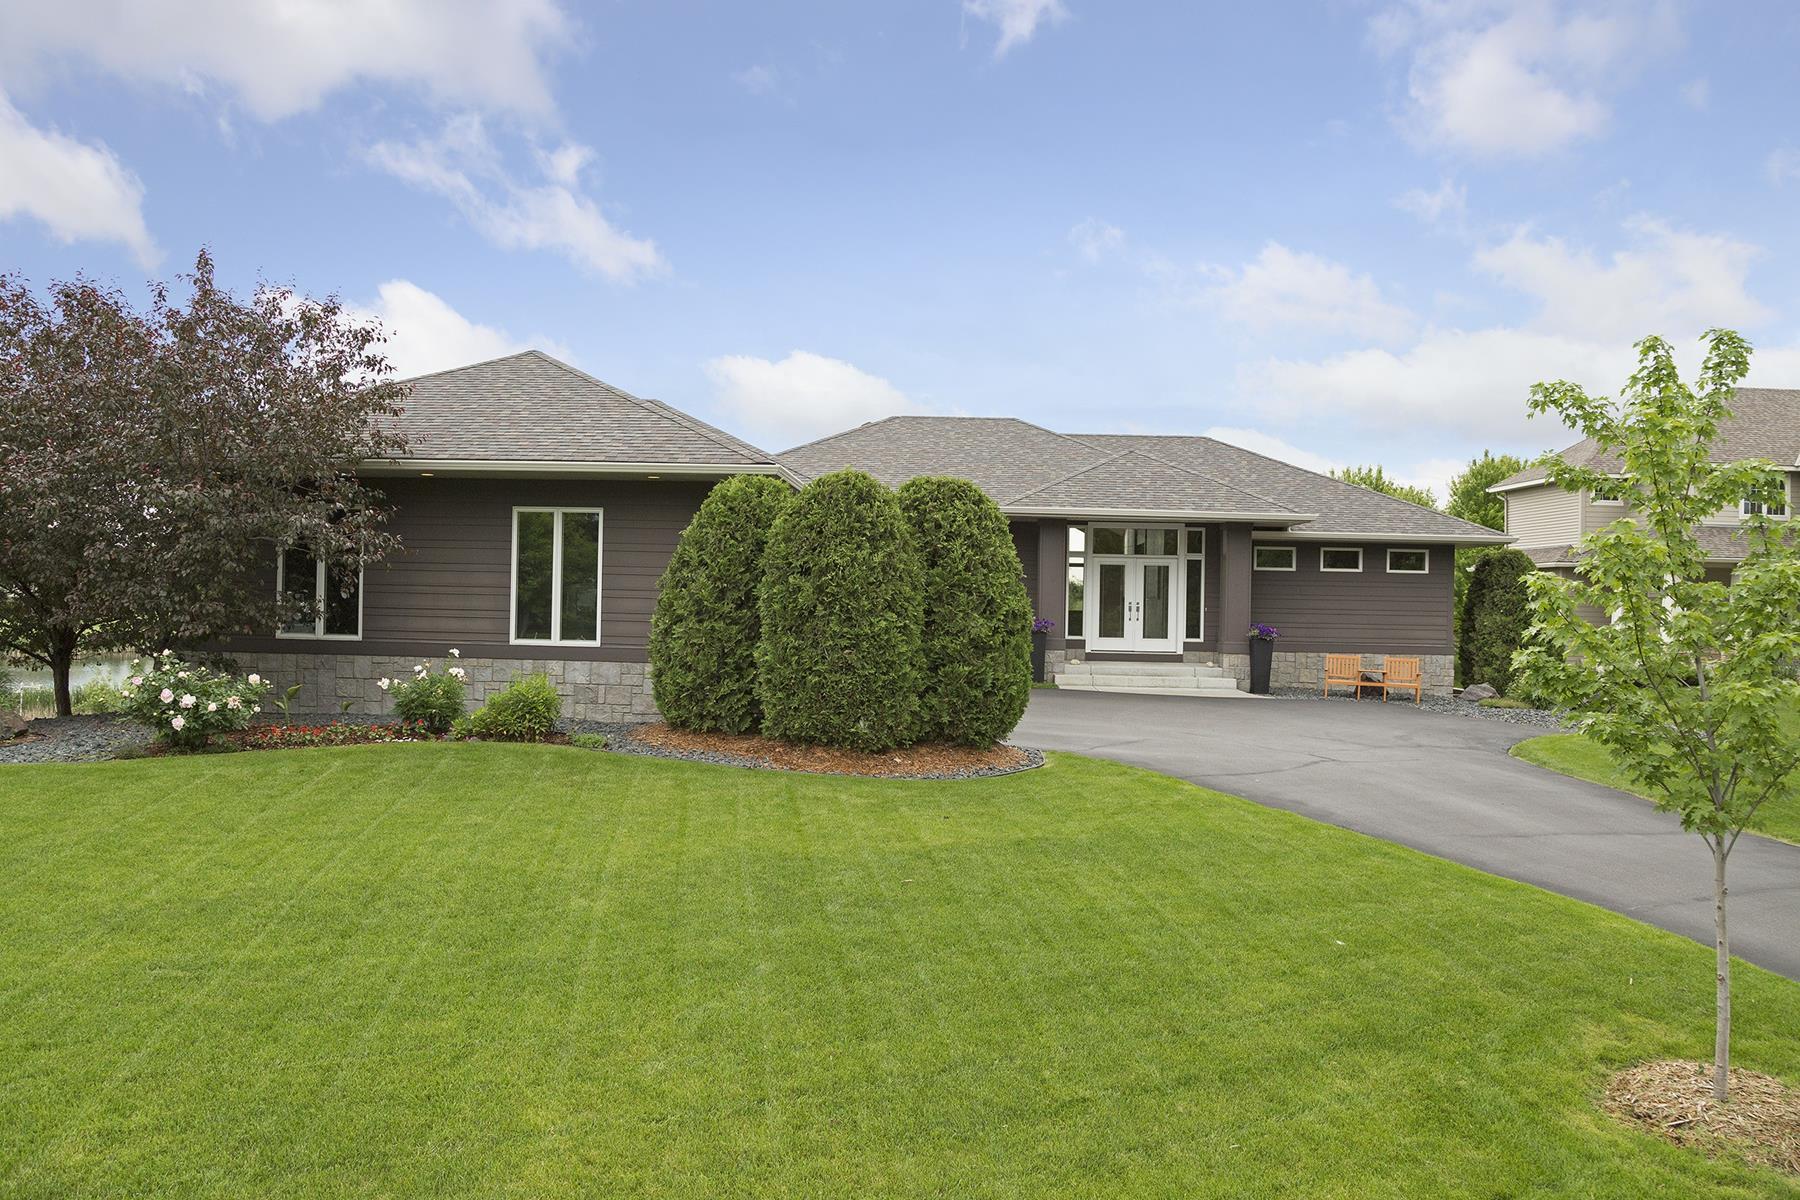 단독 가정 주택 용 매매 에 8285 Kelzer Pond Drive Victoria, 미네소타, 55386 미국